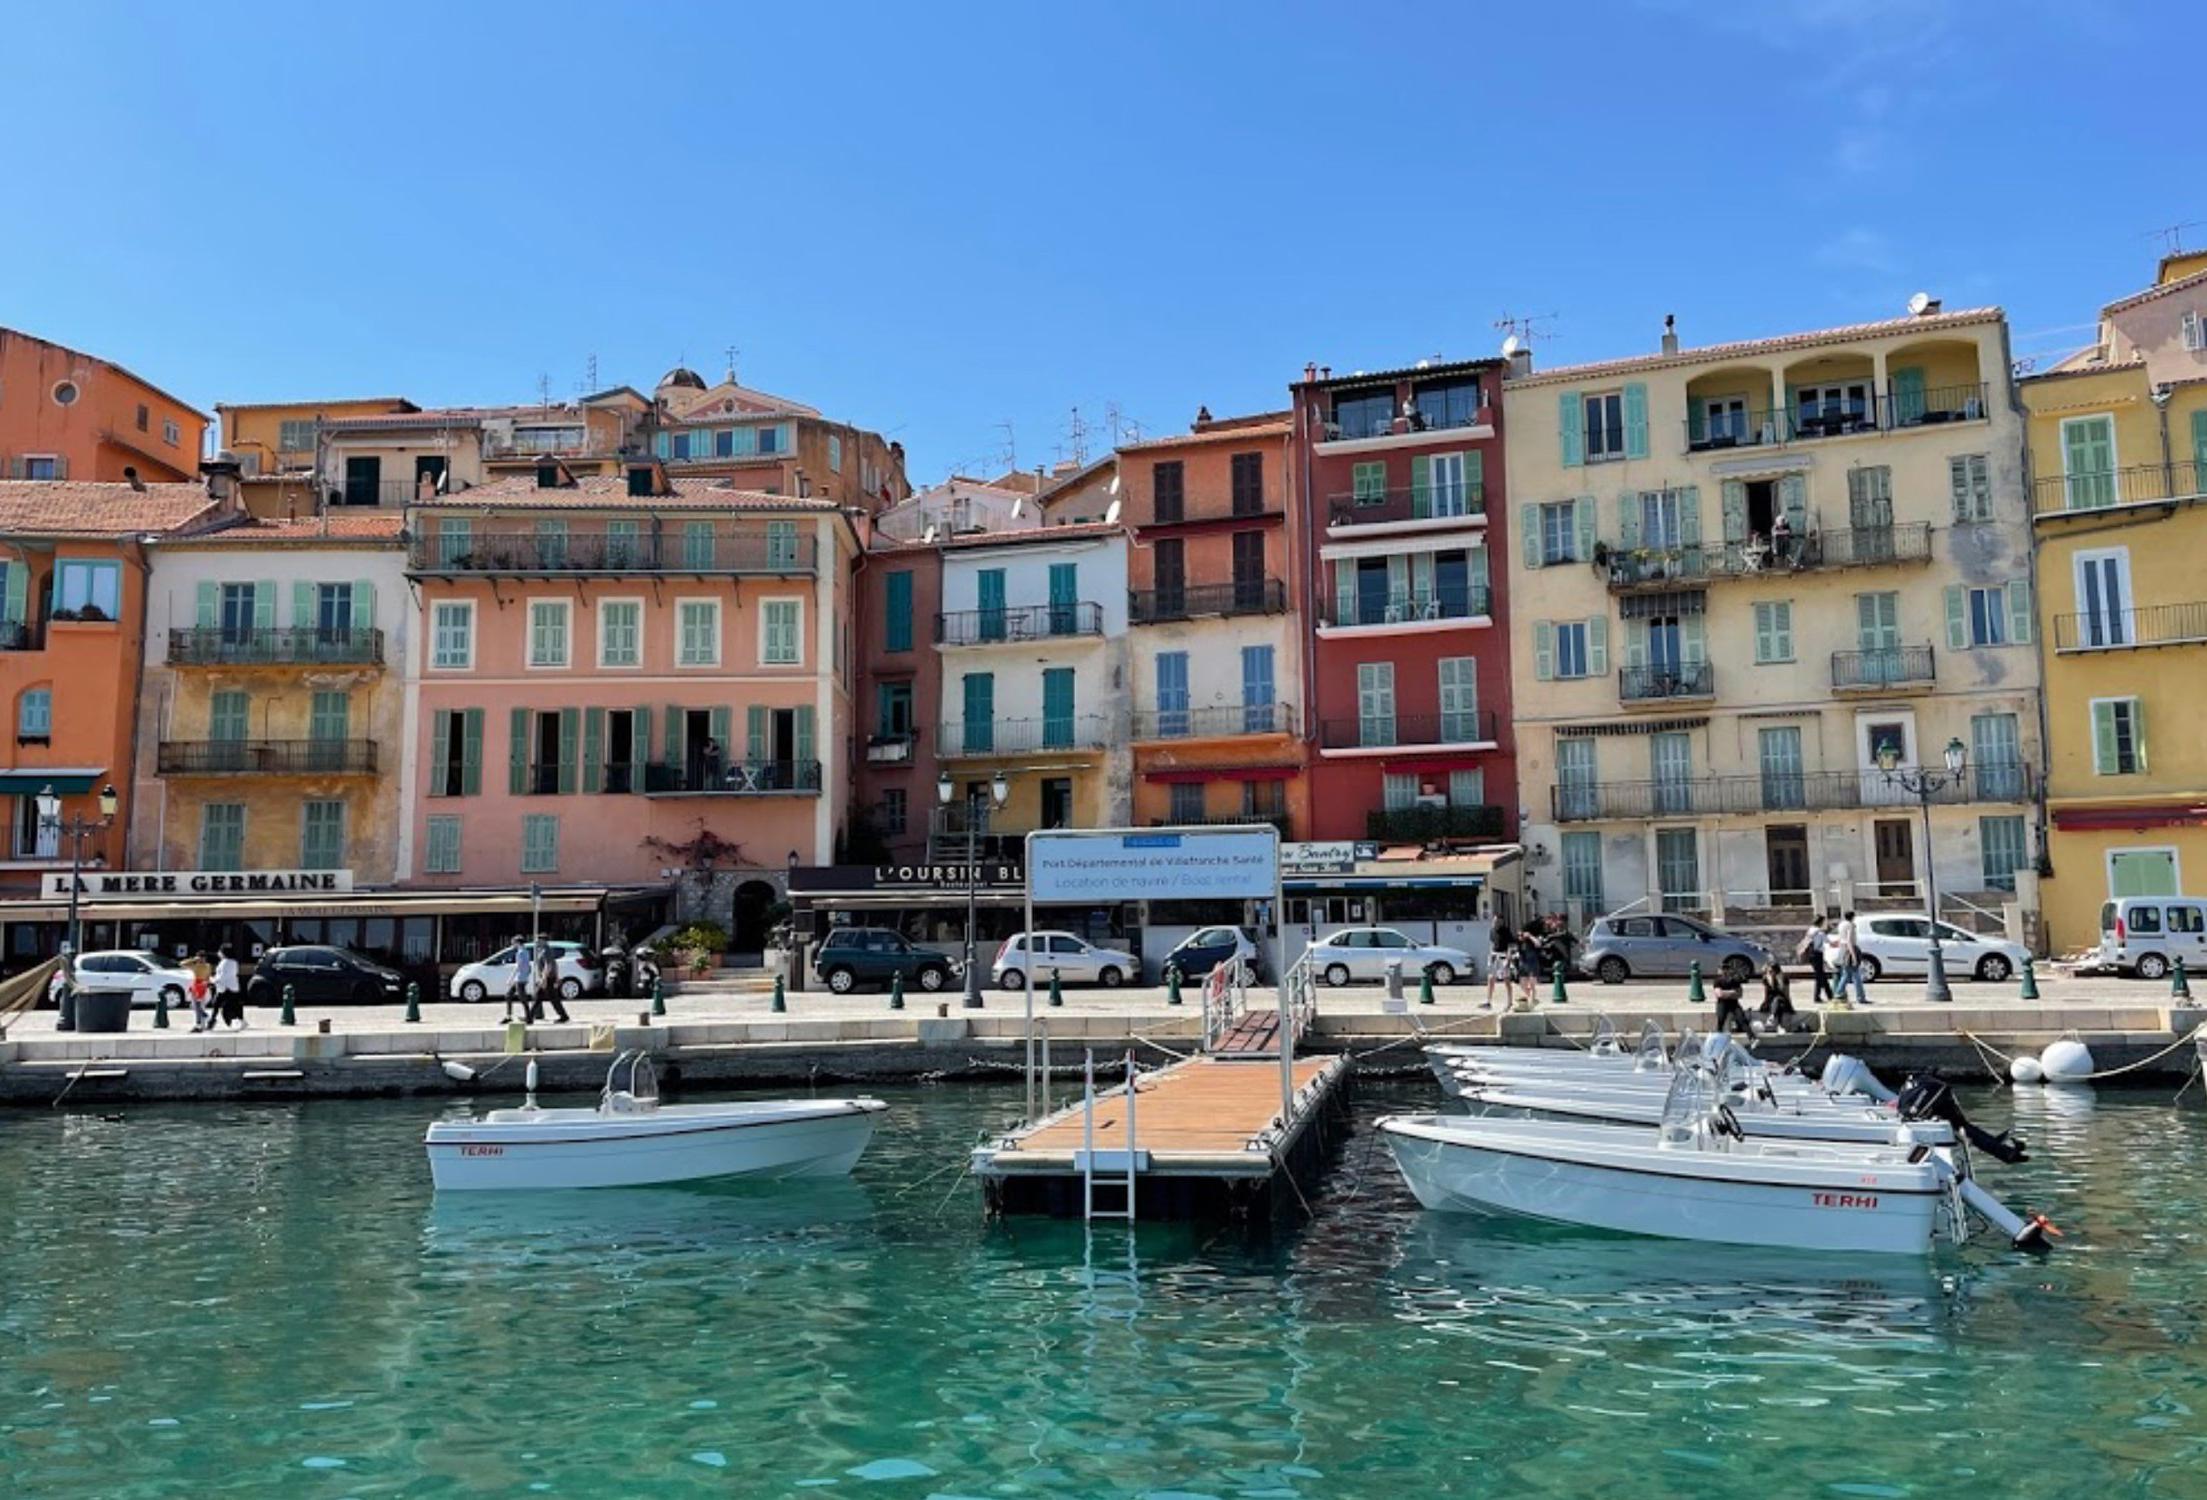 Location bateaux avec et sans permis à Villefranche sur mer Côte d'Azur